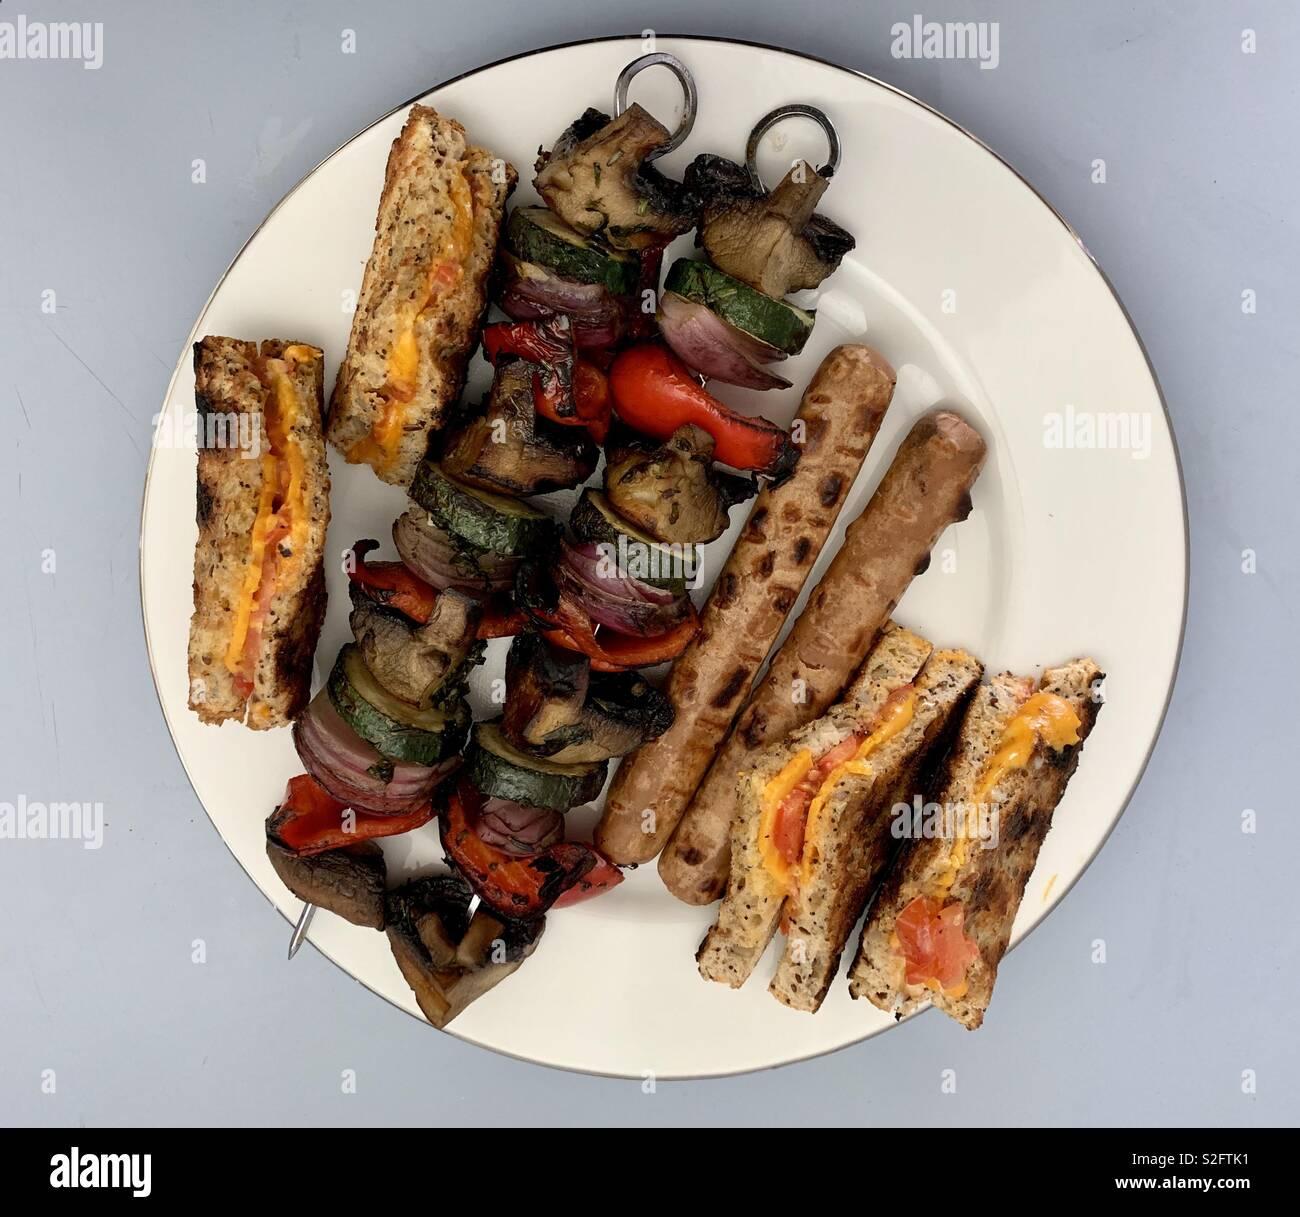 Vegan delicias a la barbacoa. Foto de stock